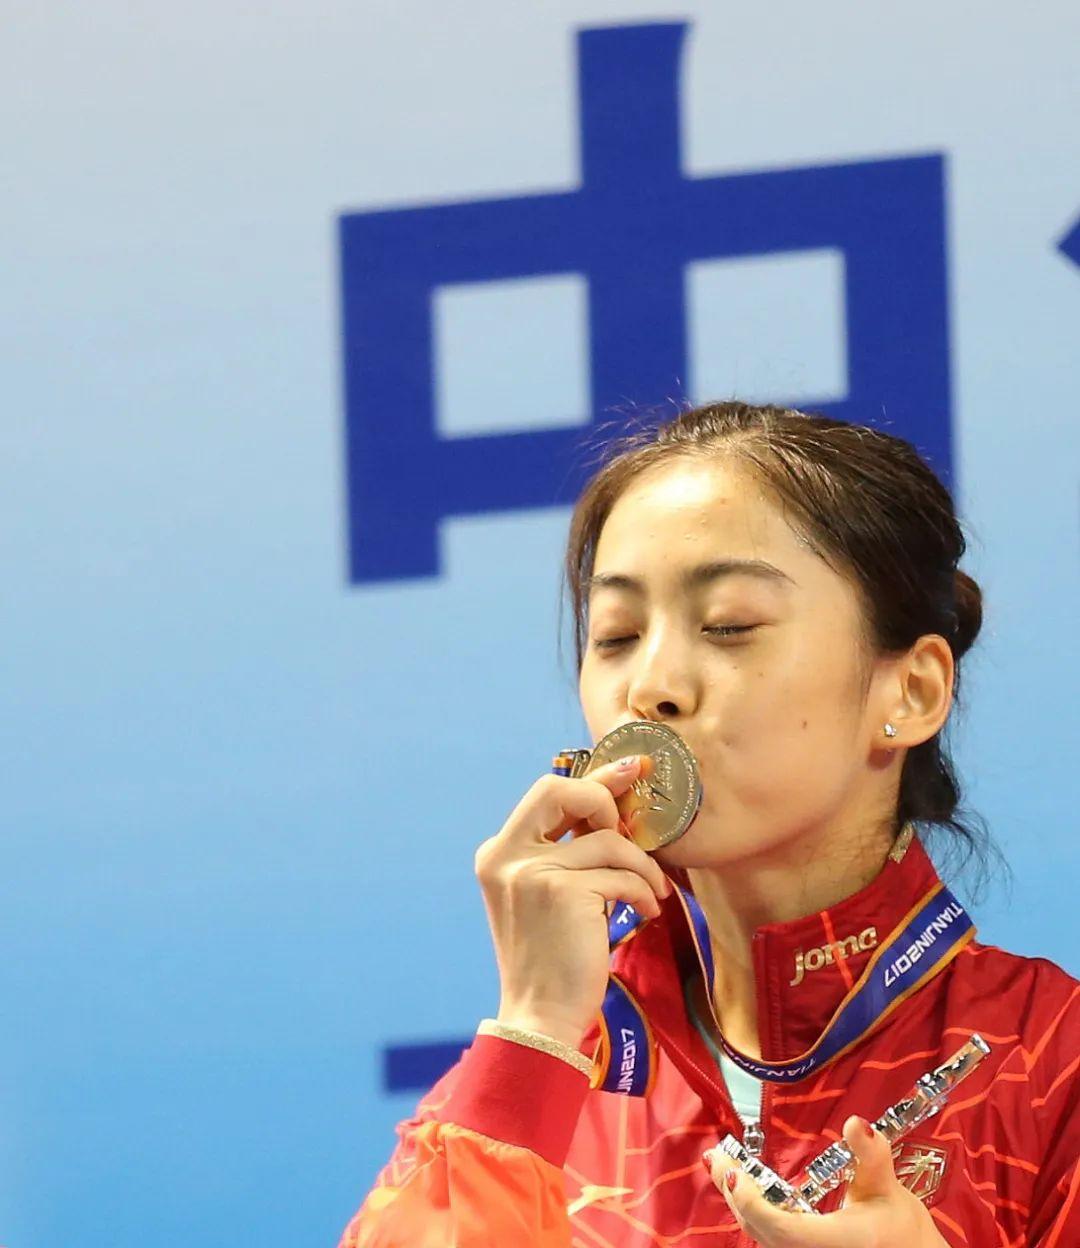 羽坛王祖贤两次落选奥运 她不想把痛苦记清楚